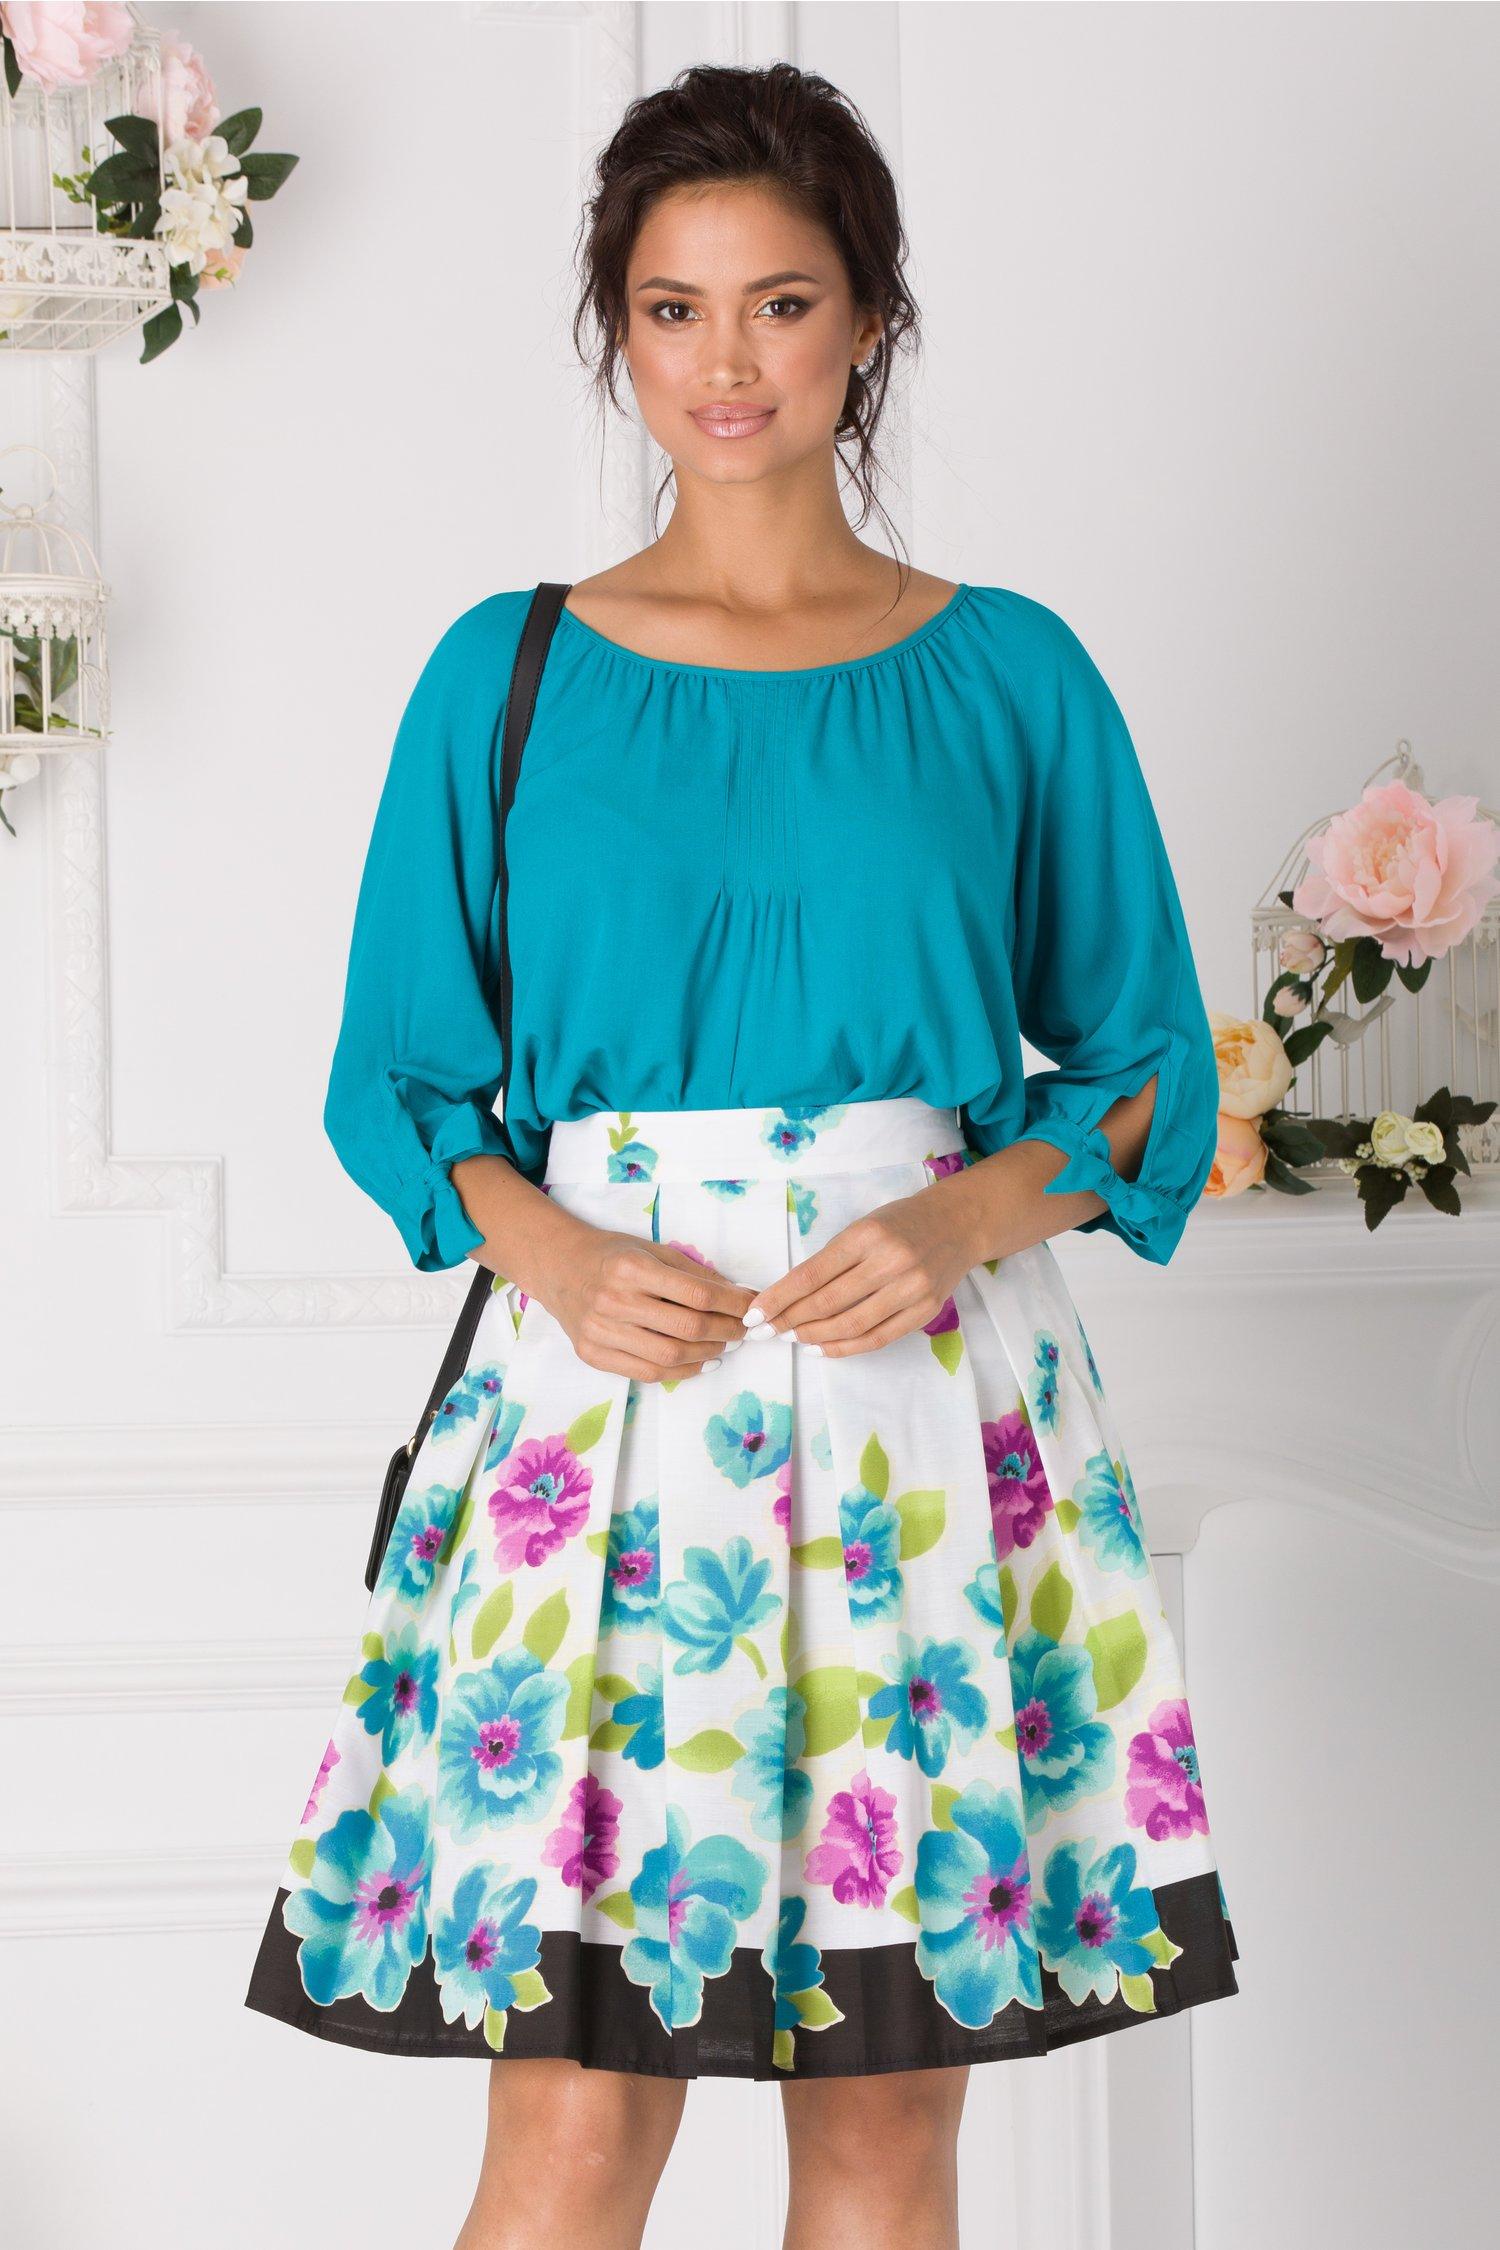 Fusta Clos Alba Cu Imprimeu Floral Turcoaz-lila